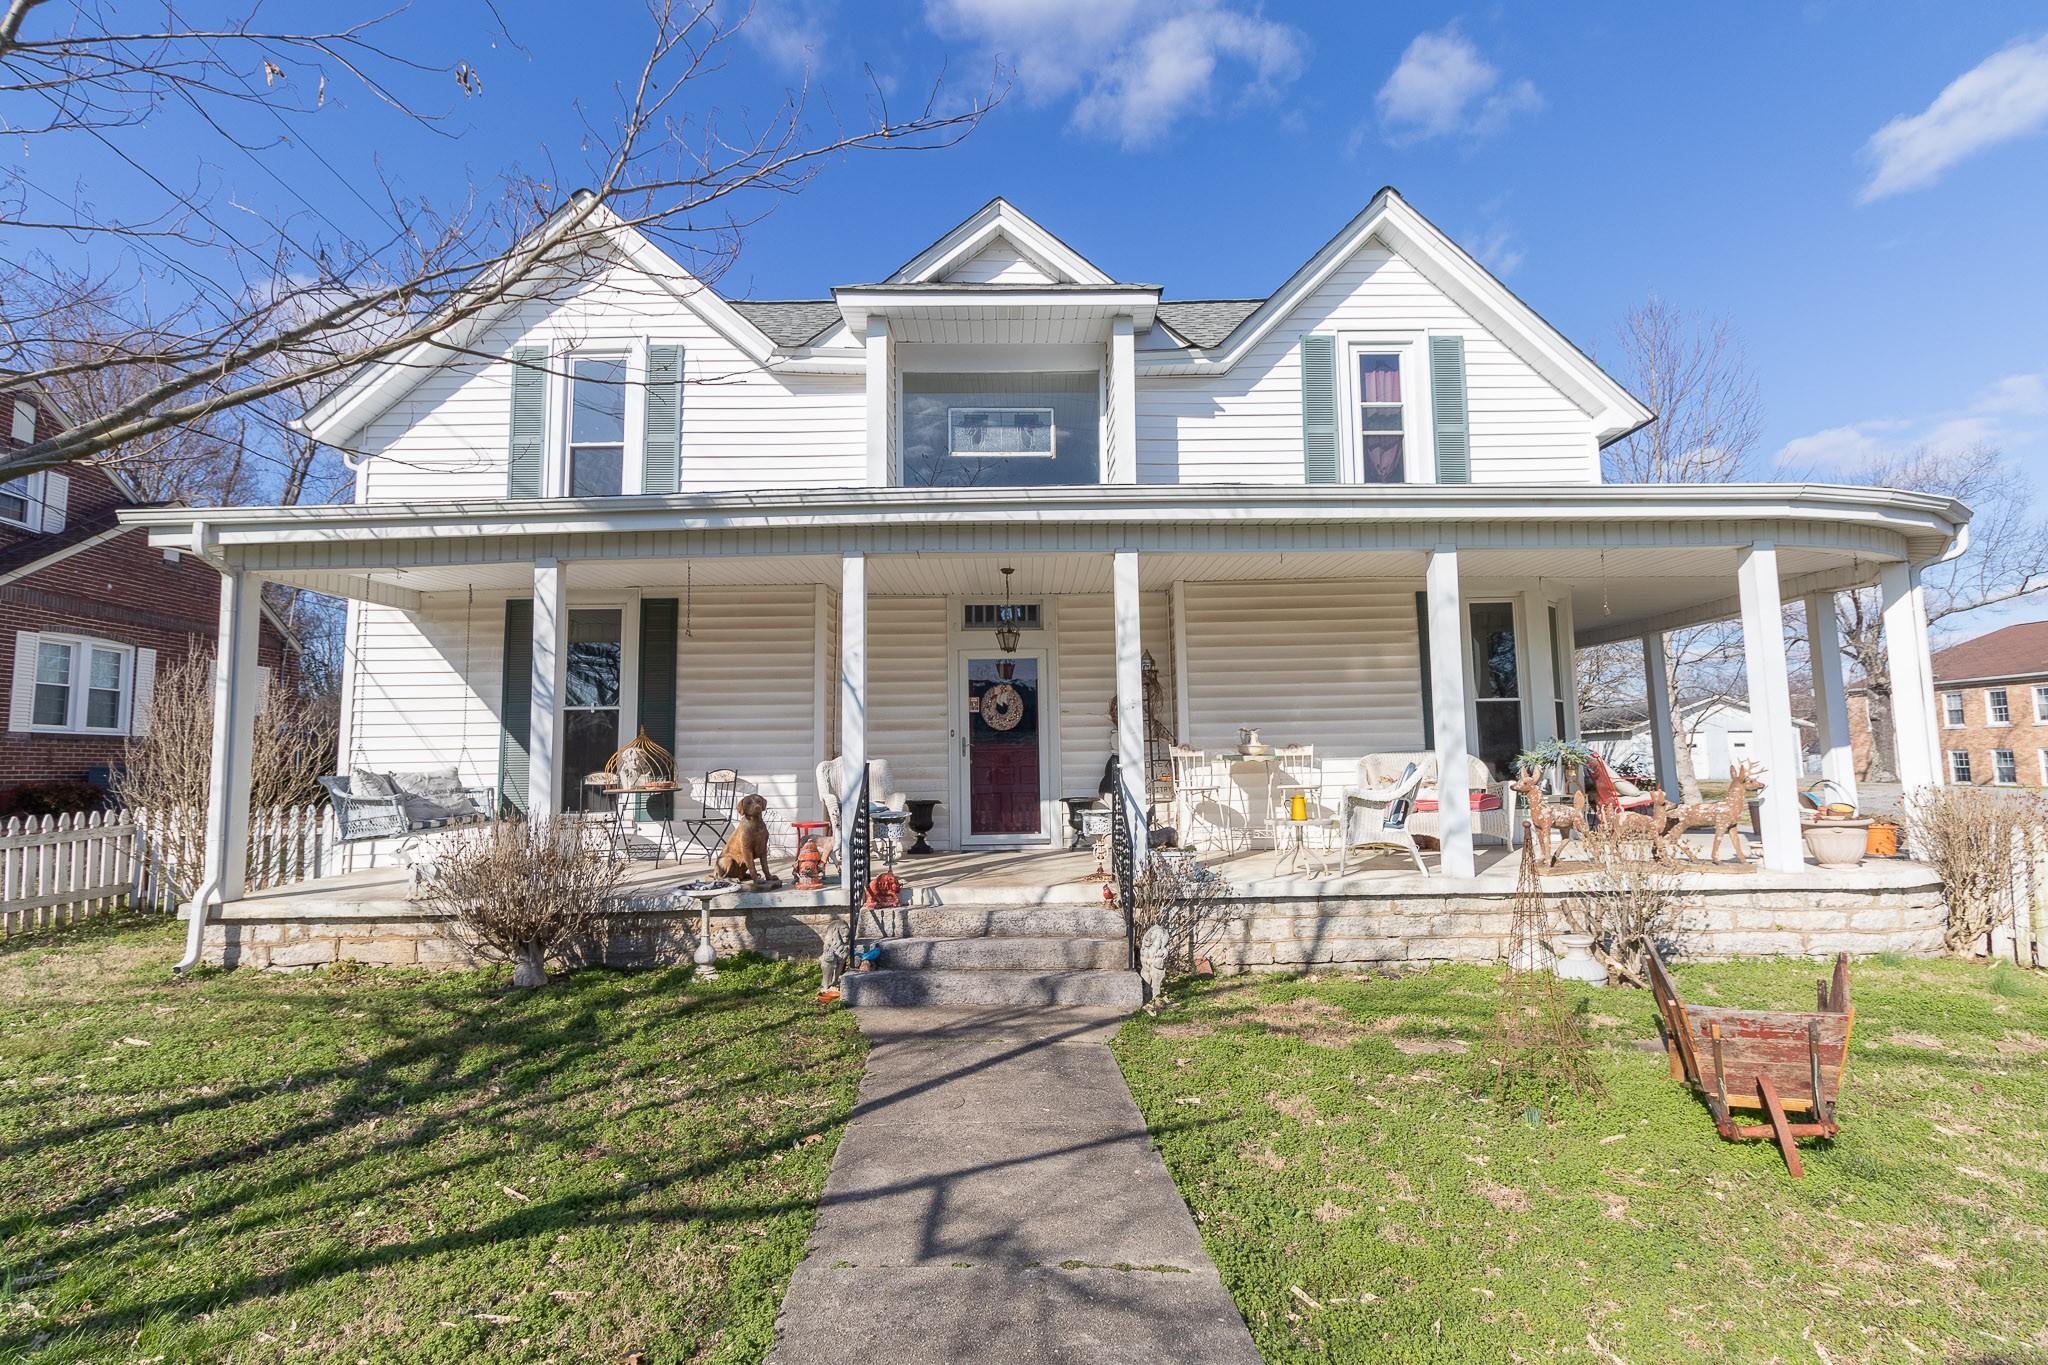 215 W Main St, Watertown, TN 37184 - Watertown, TN real estate listing